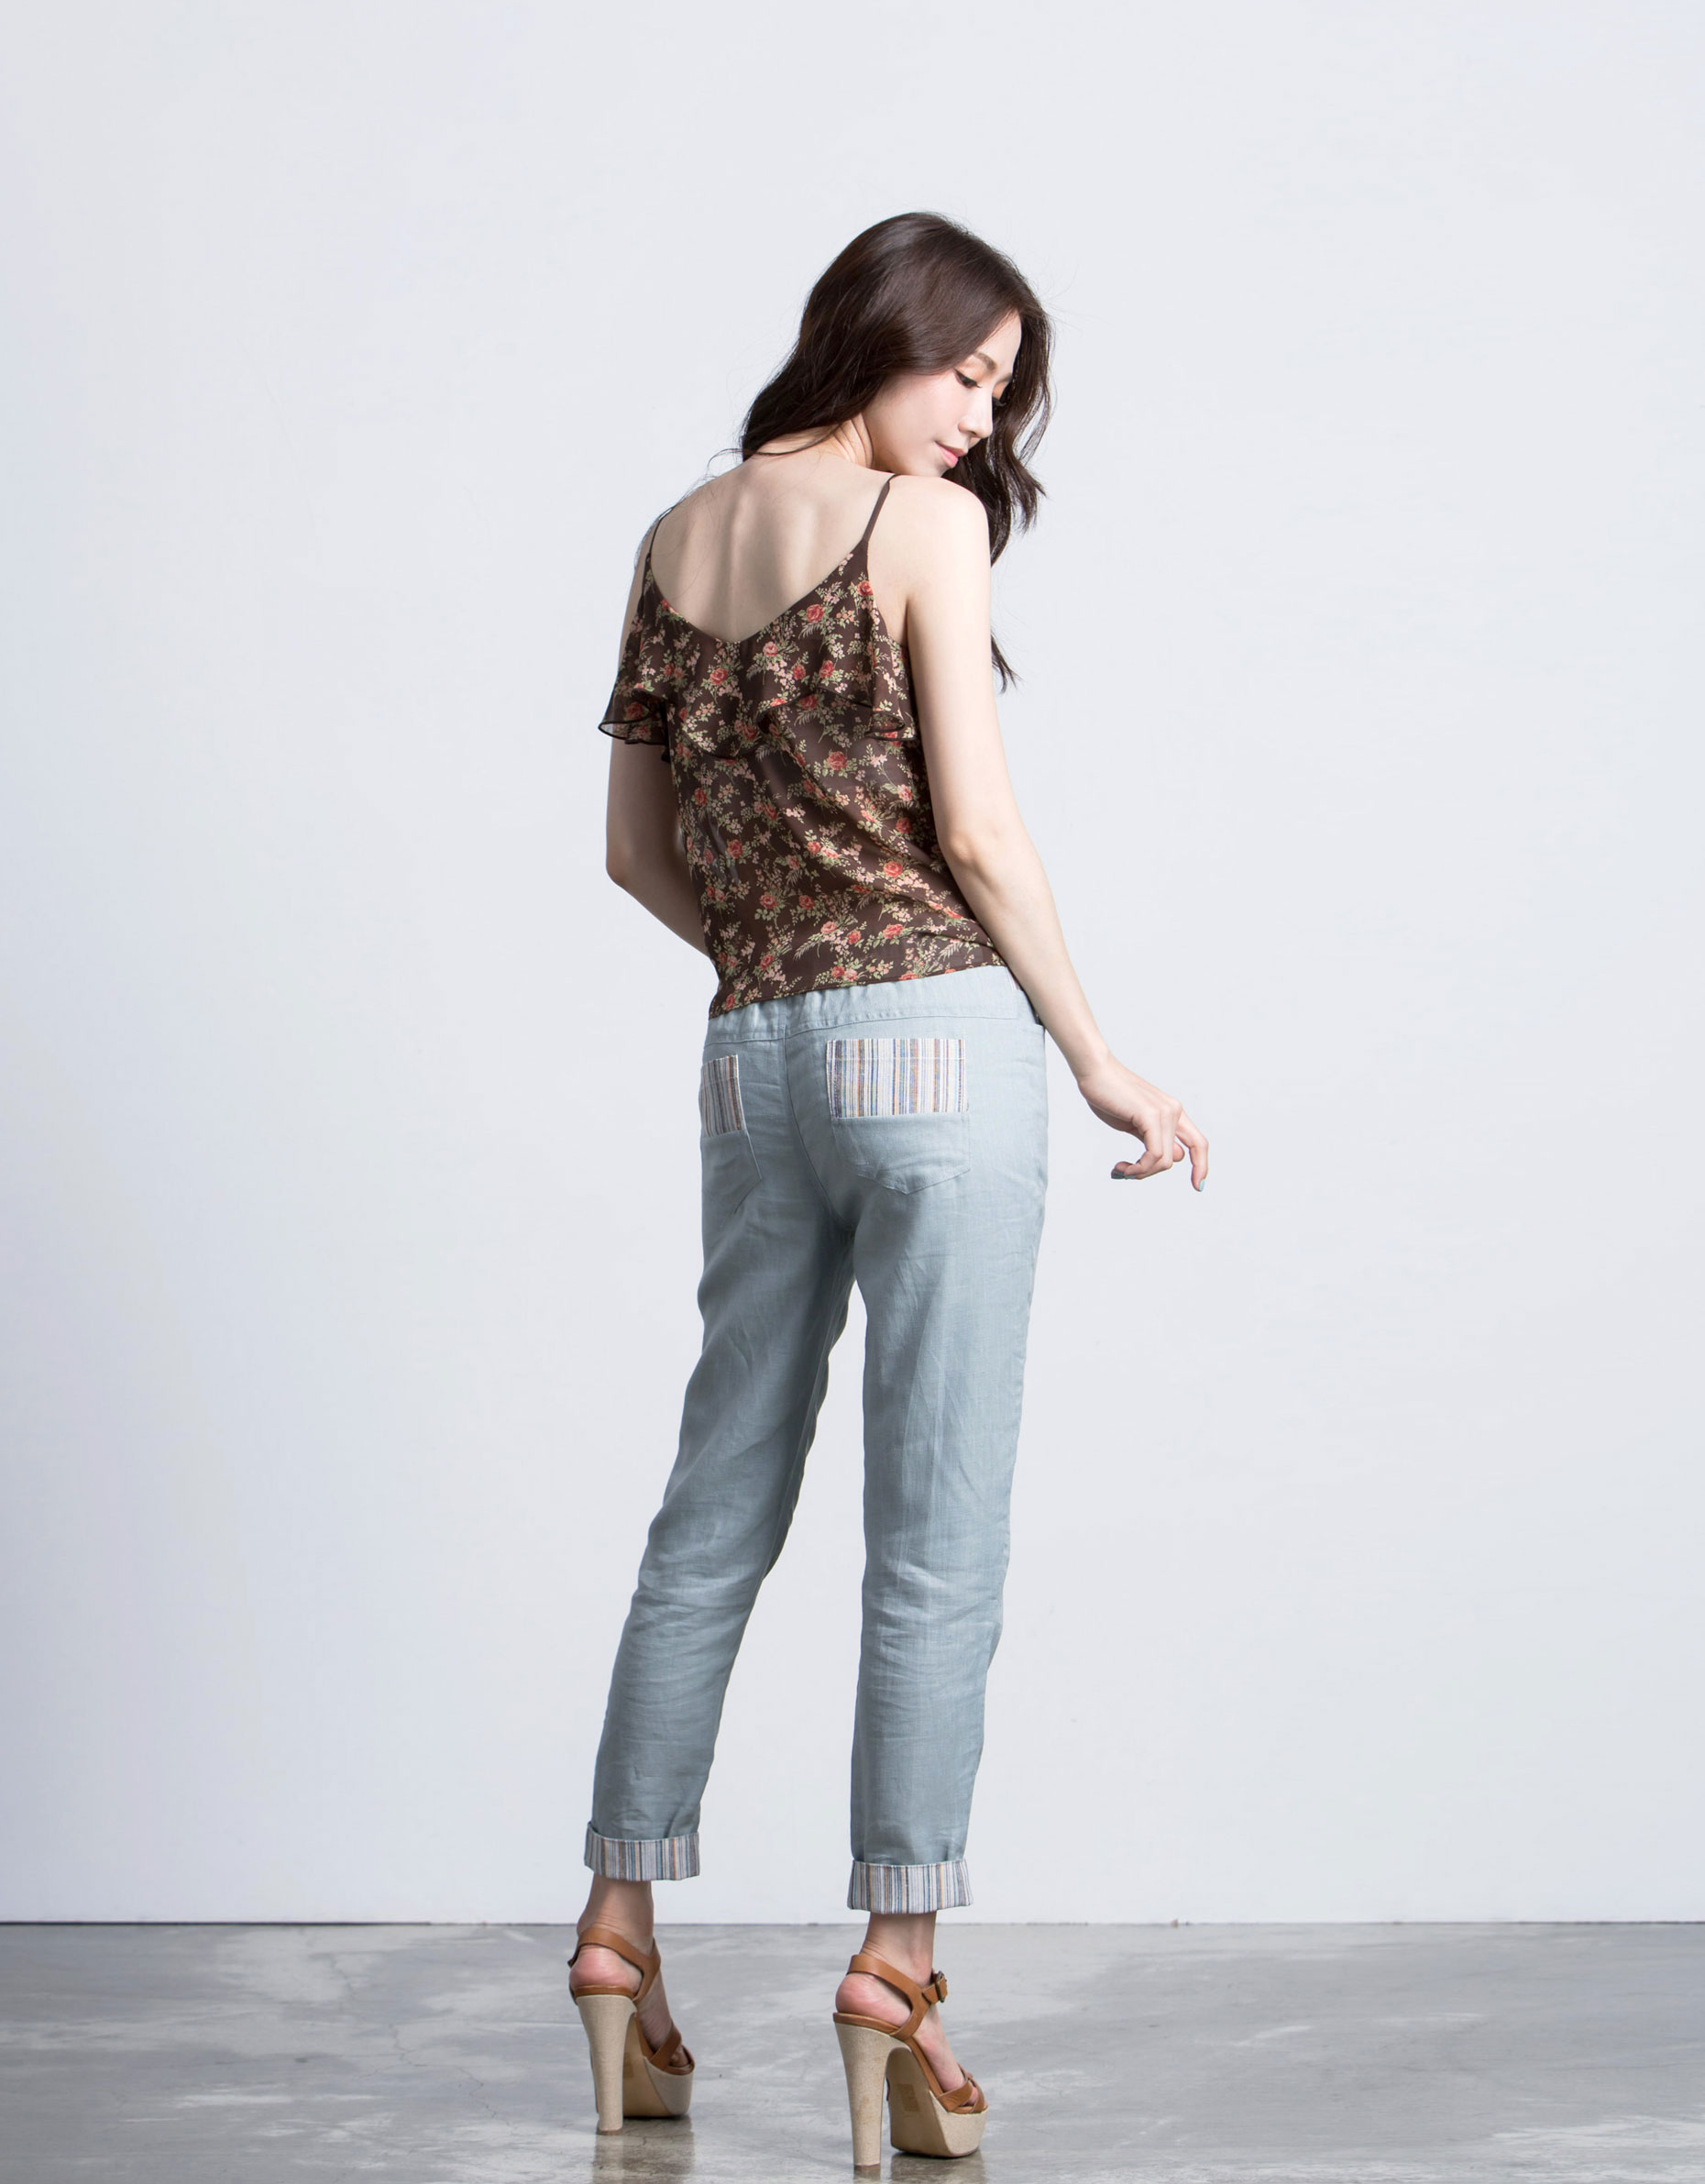 原來生活是這樣: 江怡薇 170 織紋拼接抽繩長褲 淺藍